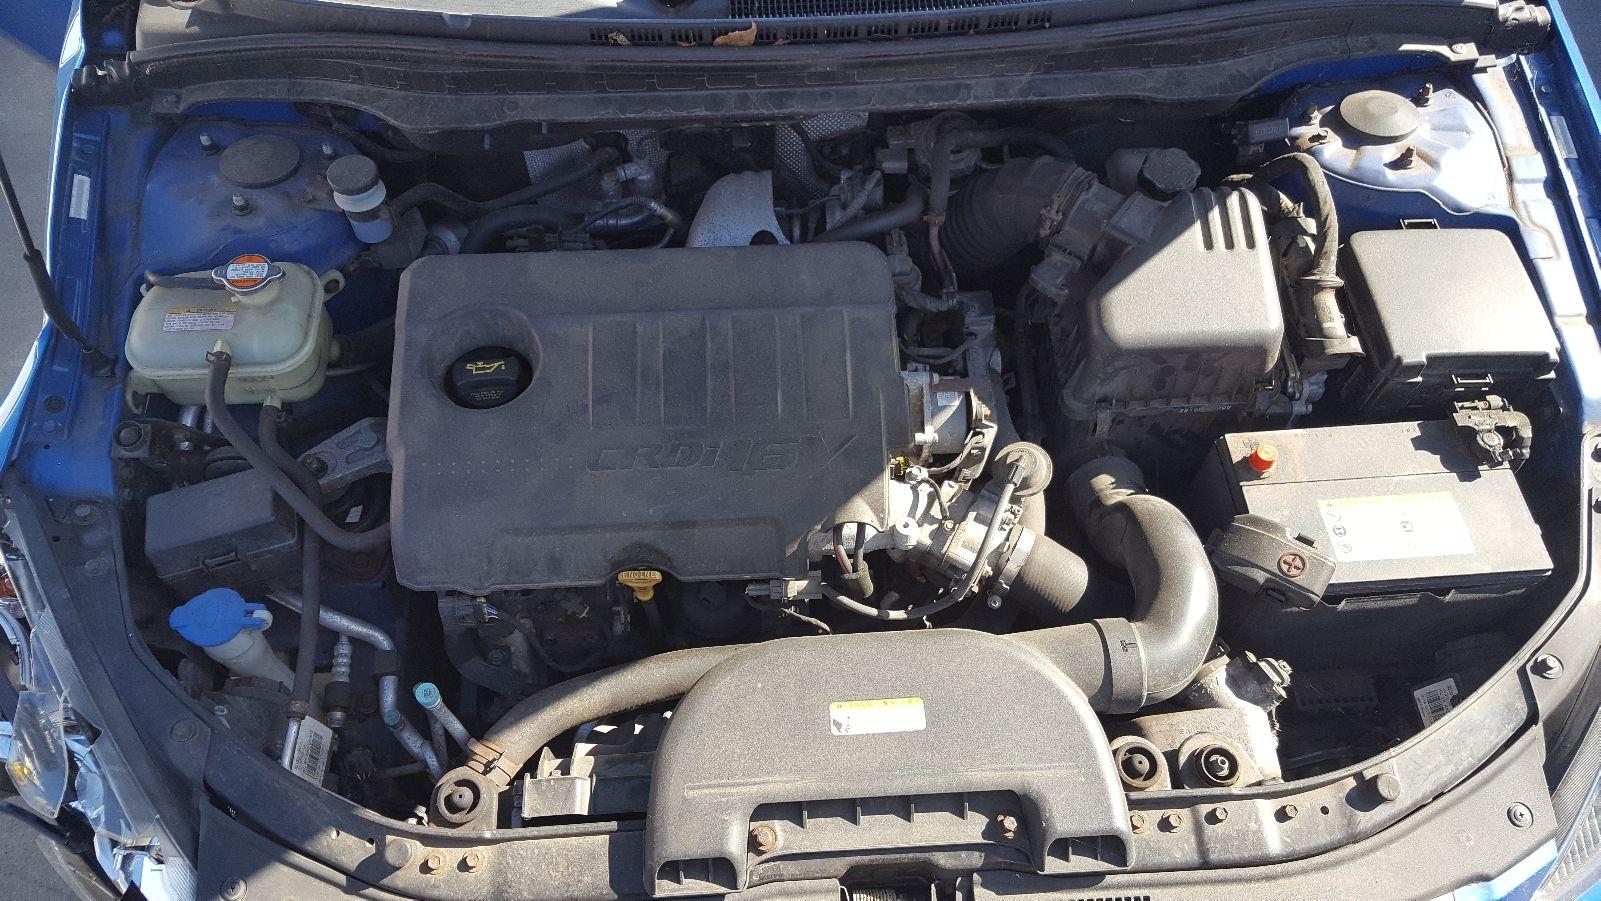 Image for a 2010 Hyundai I30 1.6 Diesel D4FB-W Engine